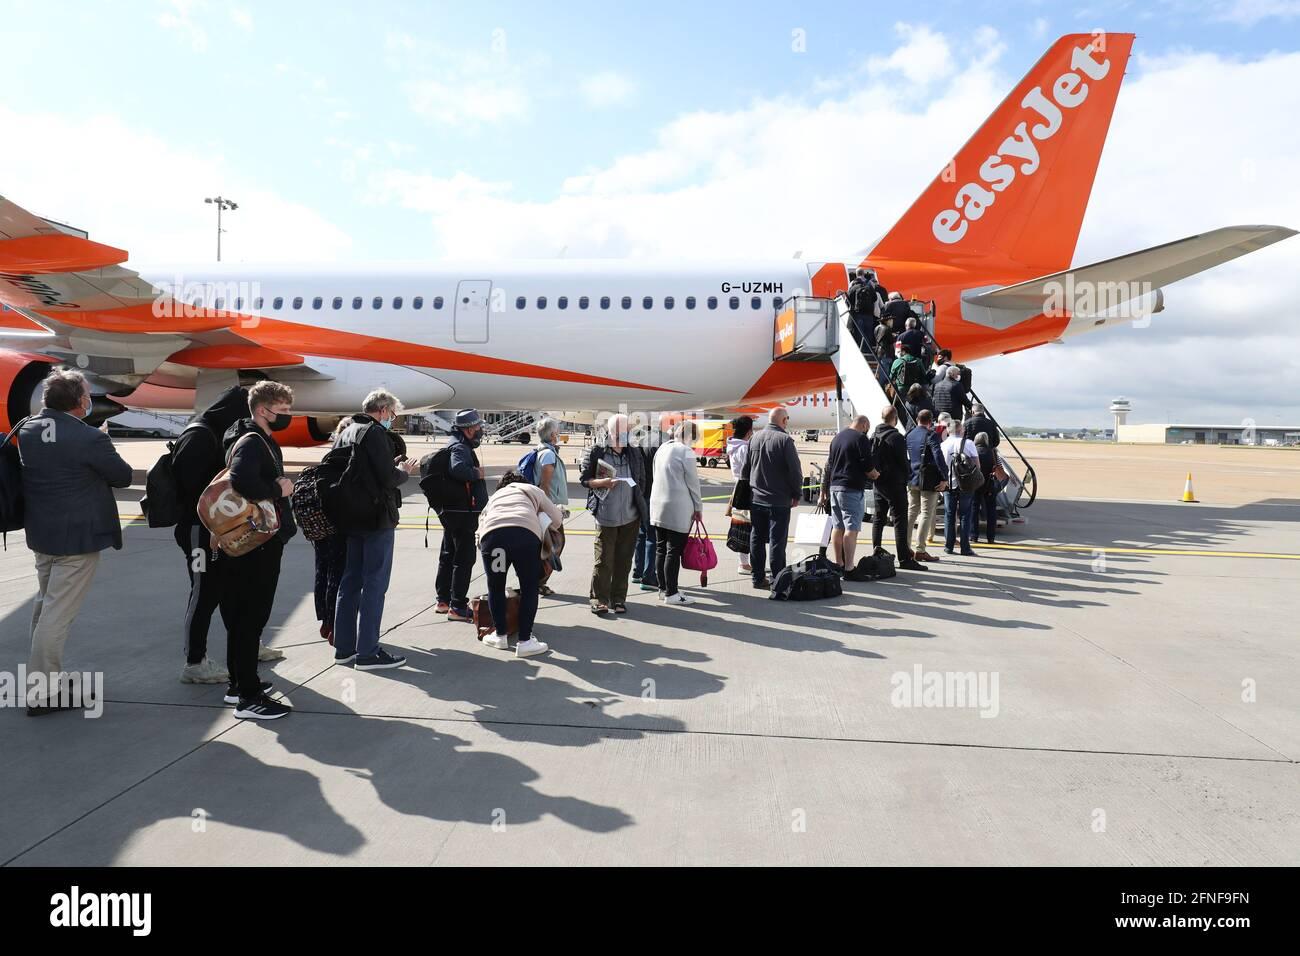 I passeggeri si preparano a salire a bordo di un volo easyJet per Faro, Portogallo, all'aeroporto di Gatwick, nel Sussex occidentale, dopo che il divieto di viaggiare per turismo internazionale per le persone in Inghilterra è stato revocato in seguito all'ulteriore allentamento delle restrizioni di blocco. Data immagine: Lunedì 17 maggio 2021. Foto Stock